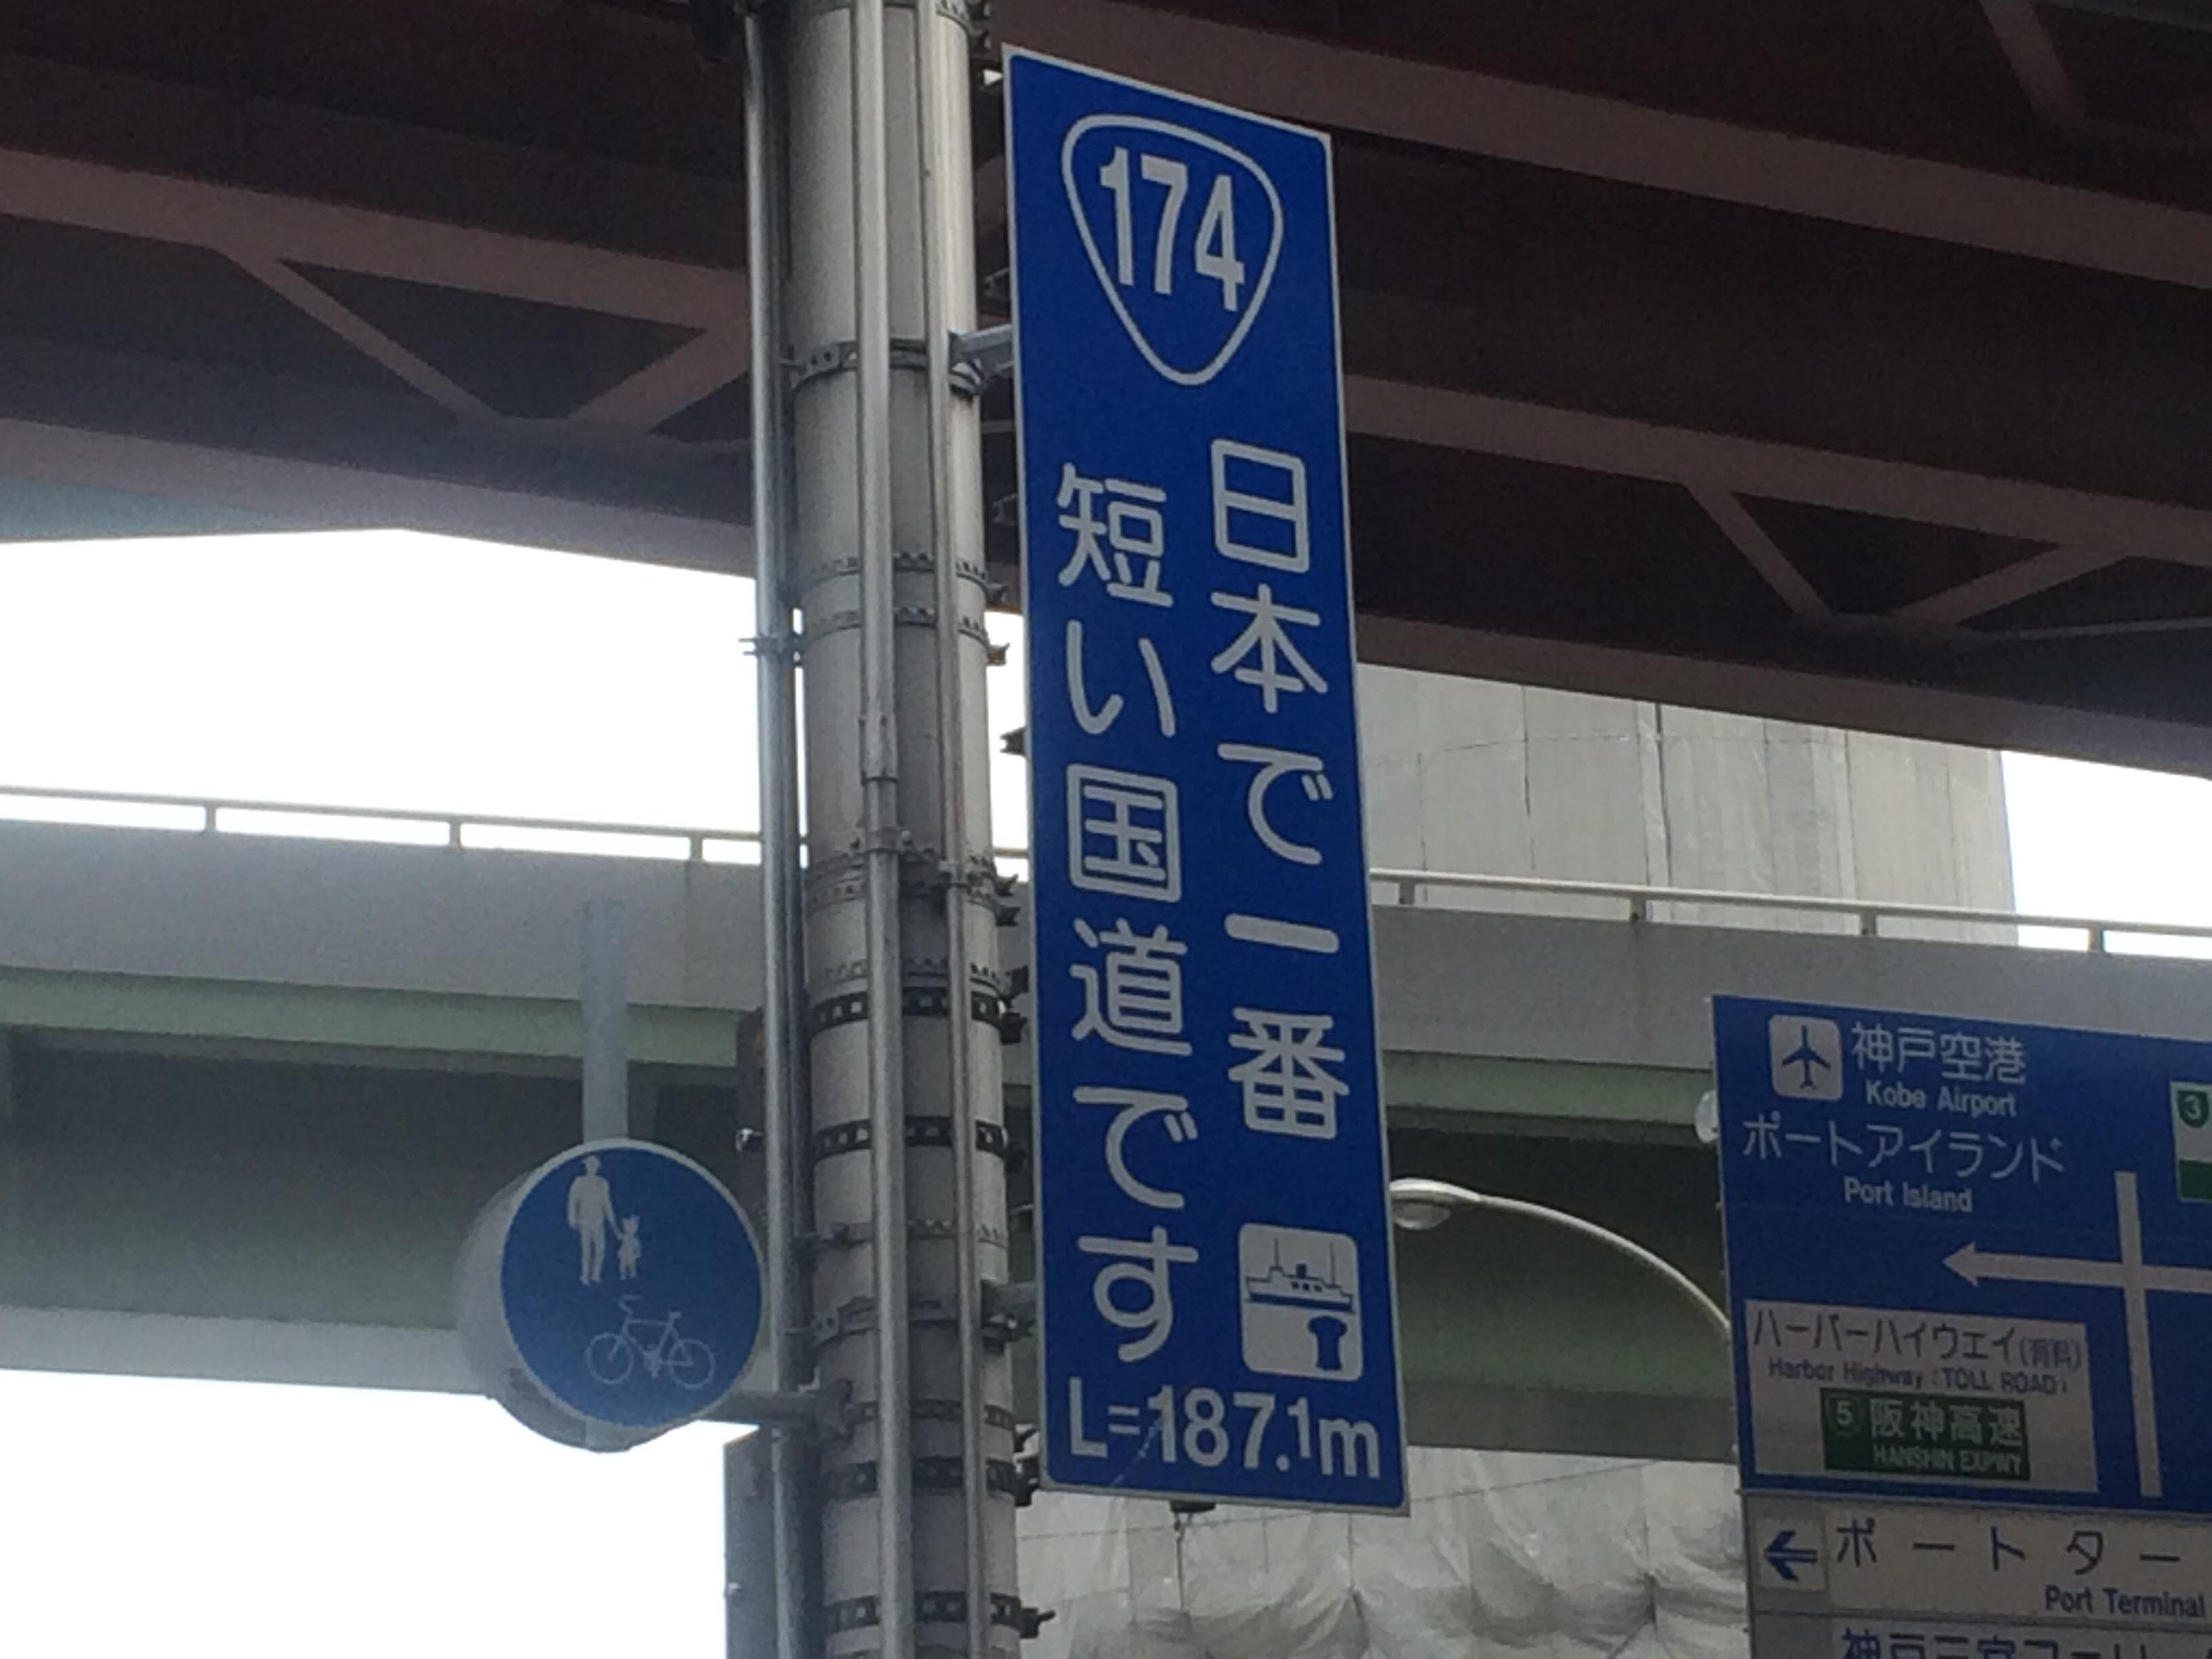 20170101日本一短い国道の標識